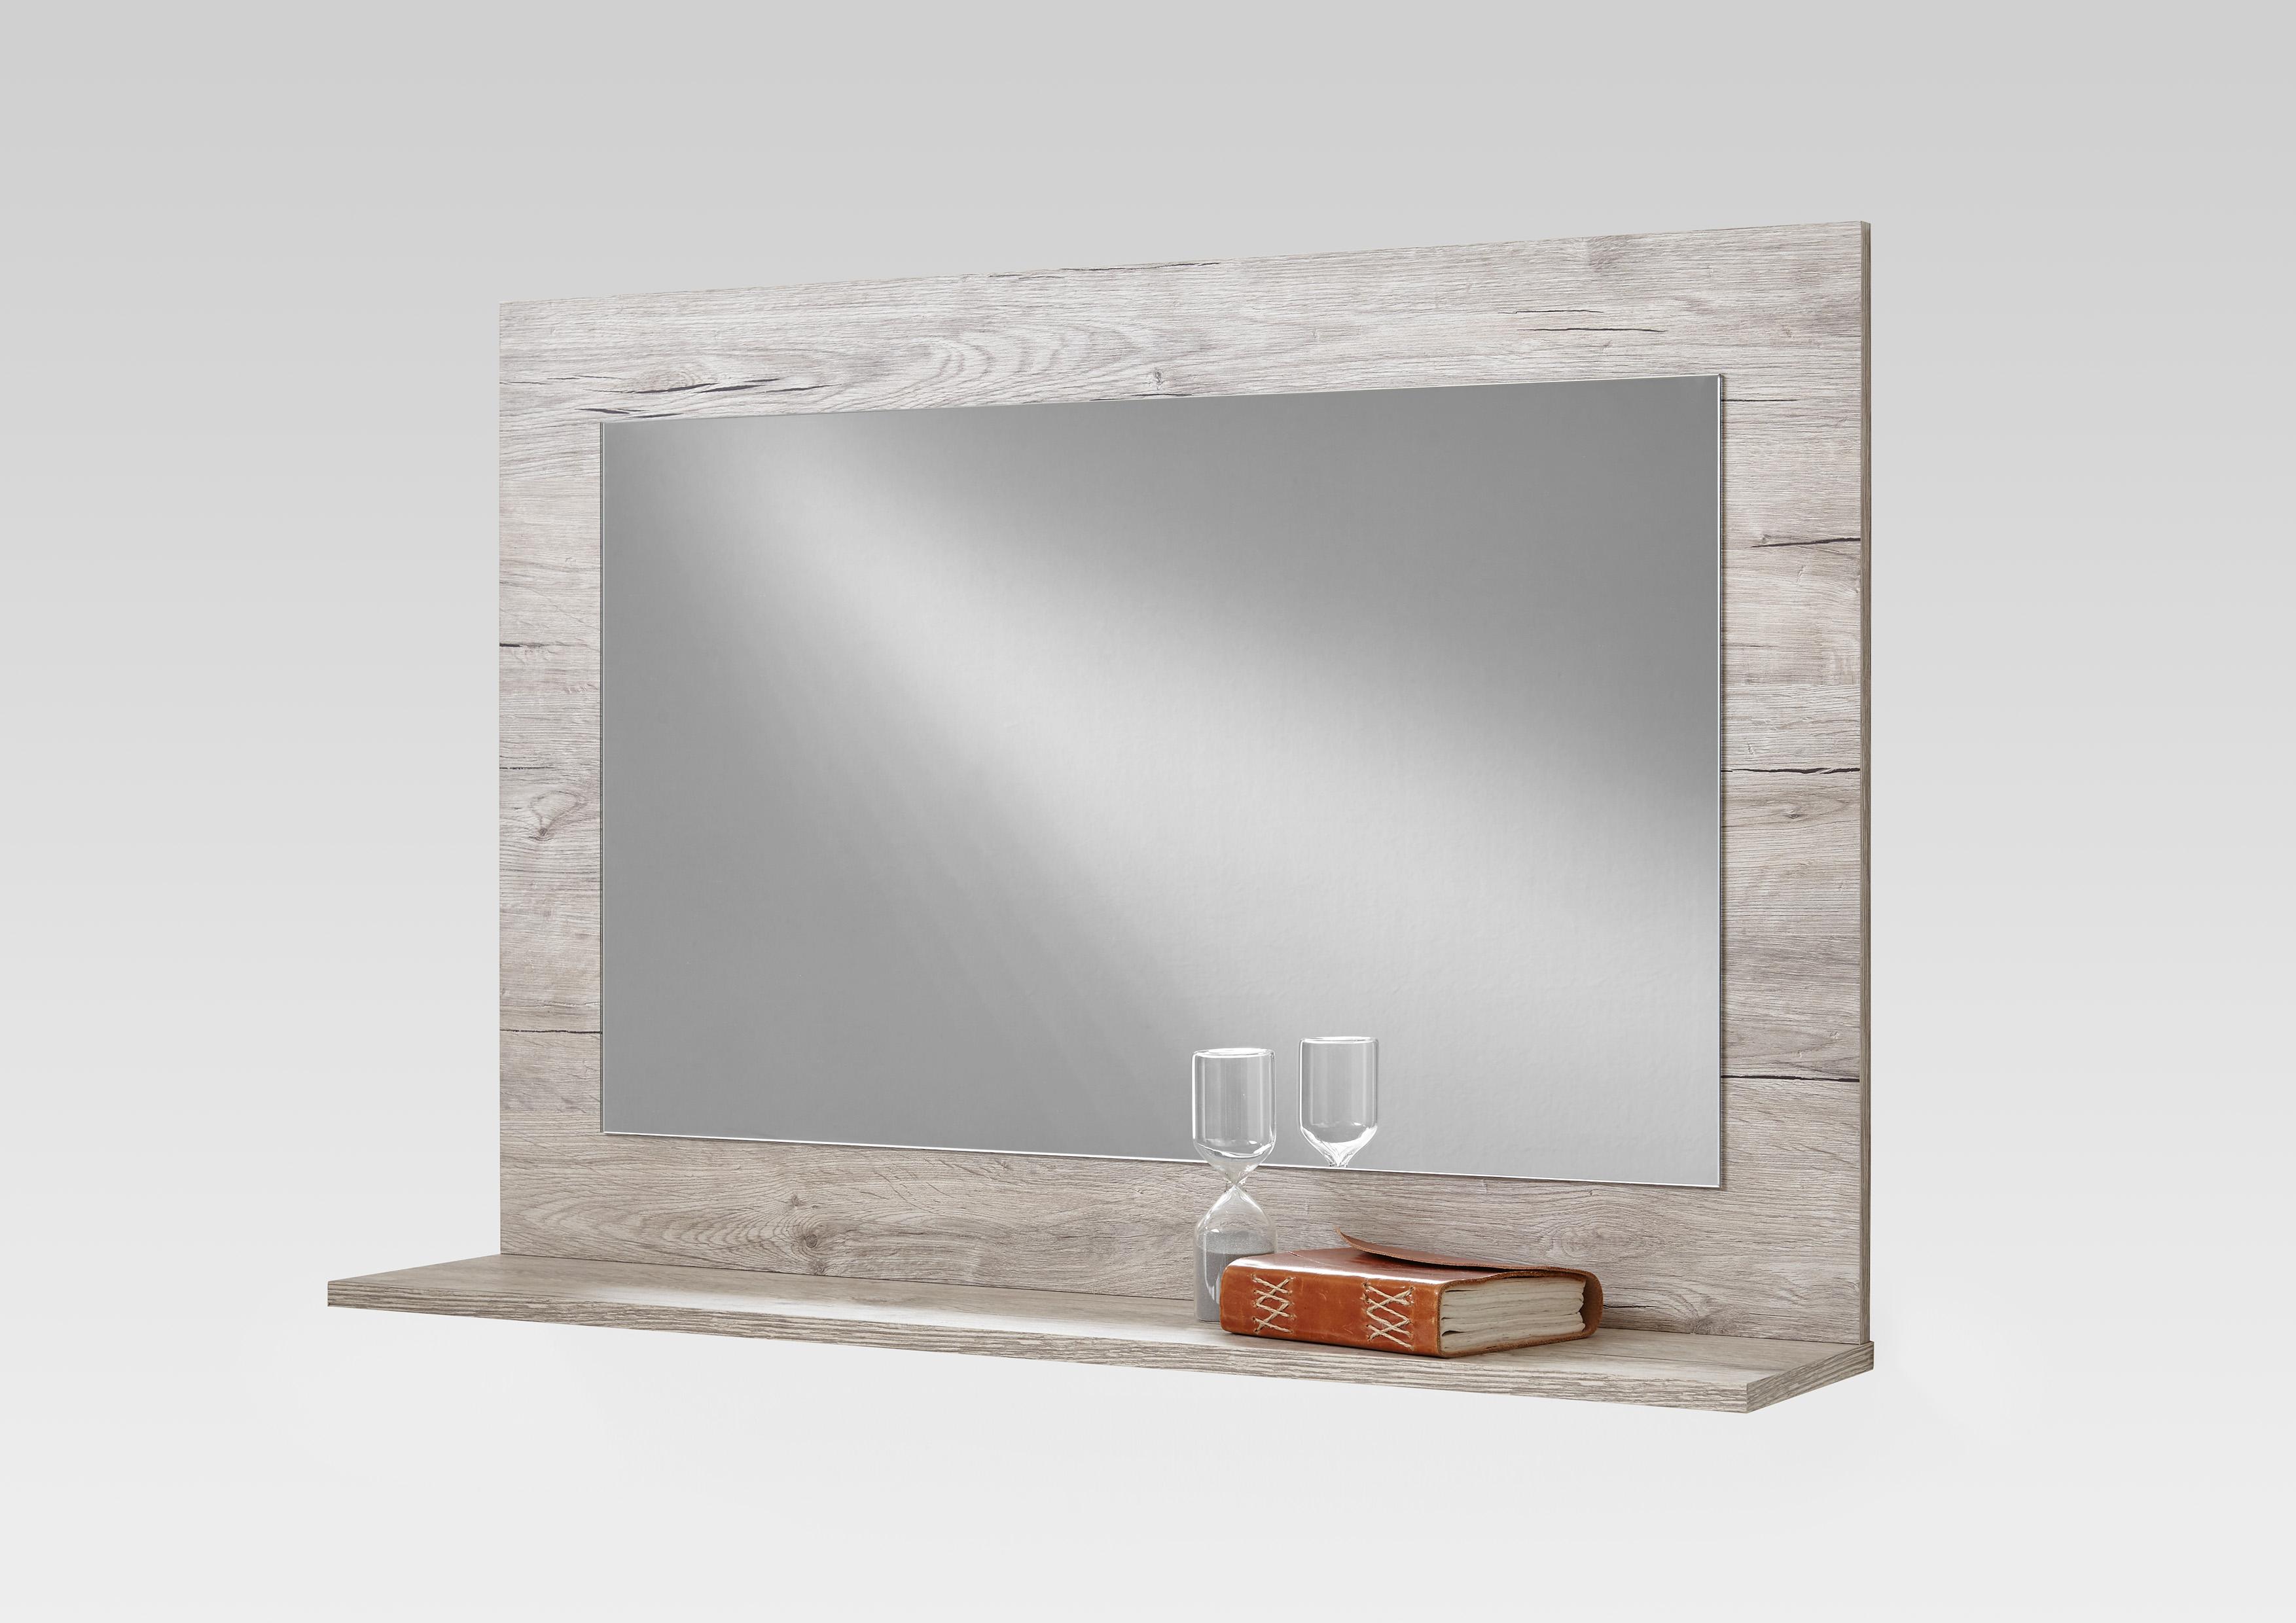 garderobenspiegel wandspiegel spiegel mit ablage f4002 004 sandeiche beton ebay. Black Bedroom Furniture Sets. Home Design Ideas